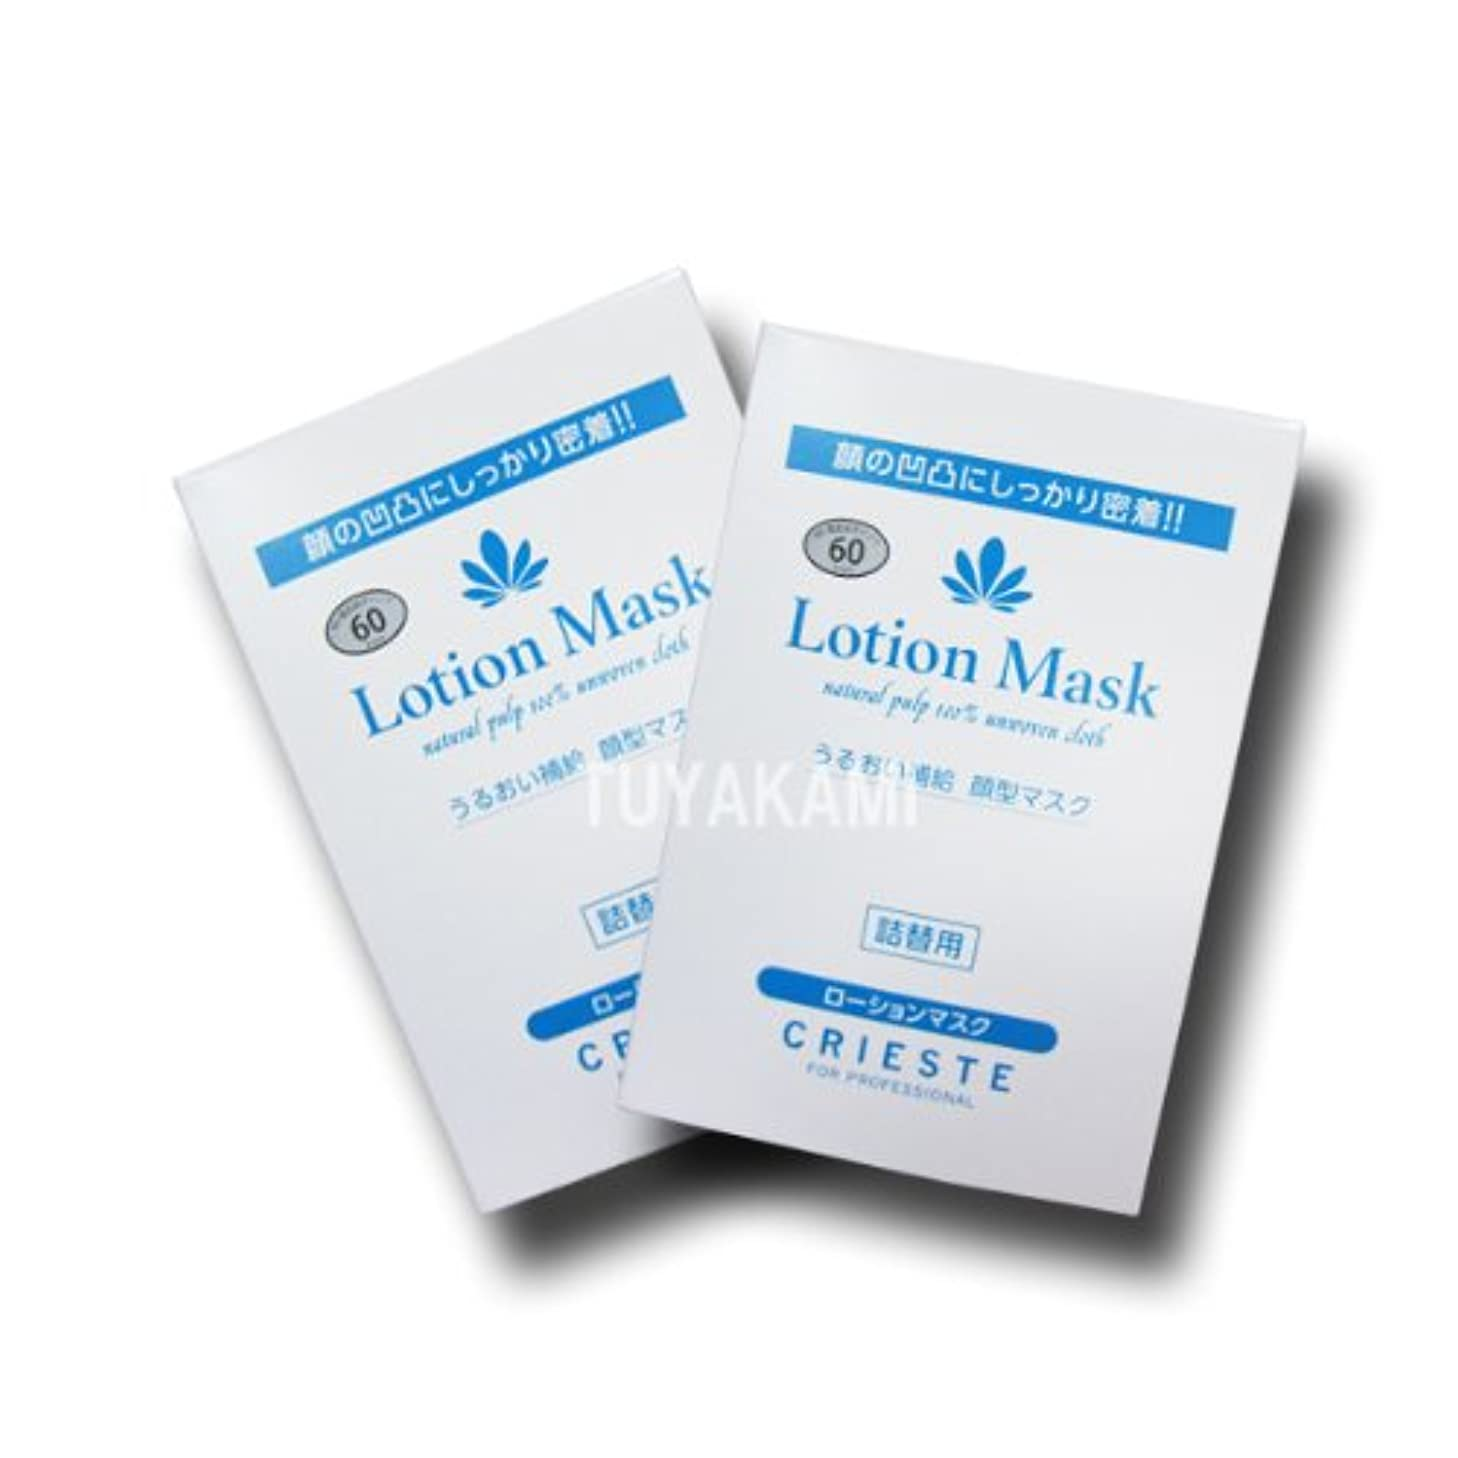 受粉者合体コンパニオンクリエステ ローションマスク 詰替用 150コ入×2個